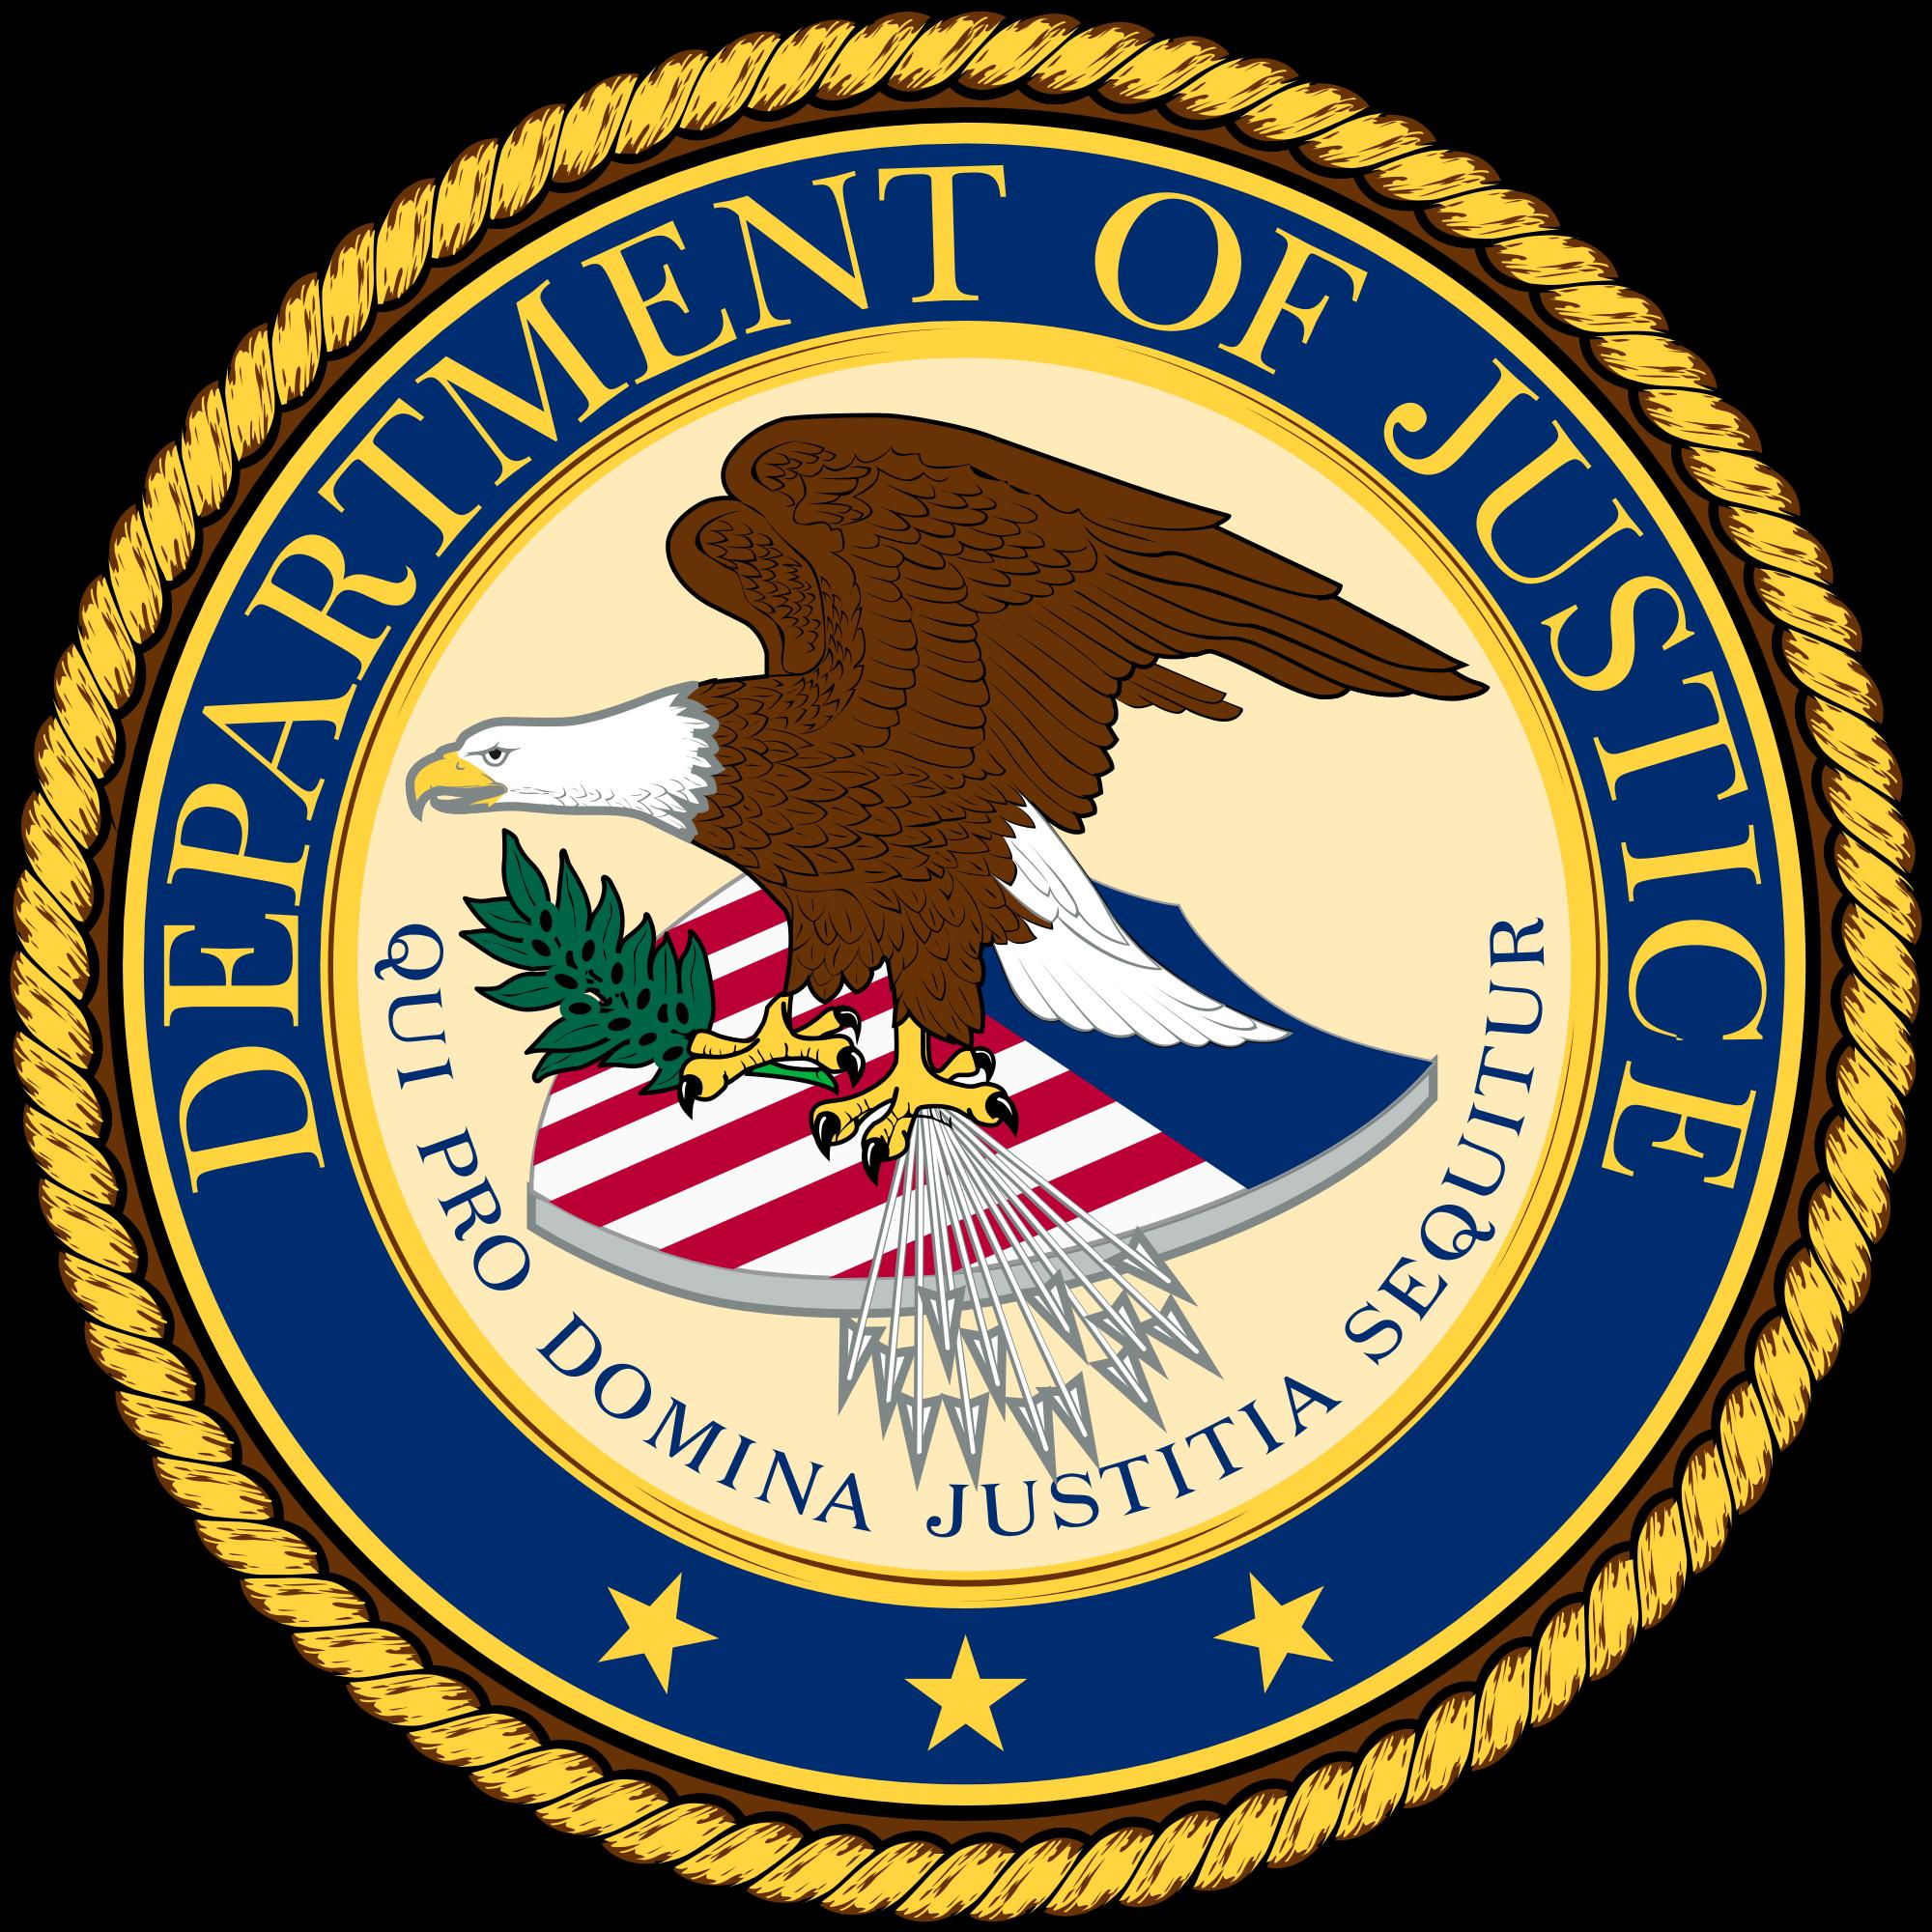 U.S. Drug Enforcement Administration (DEA), seal - vector image